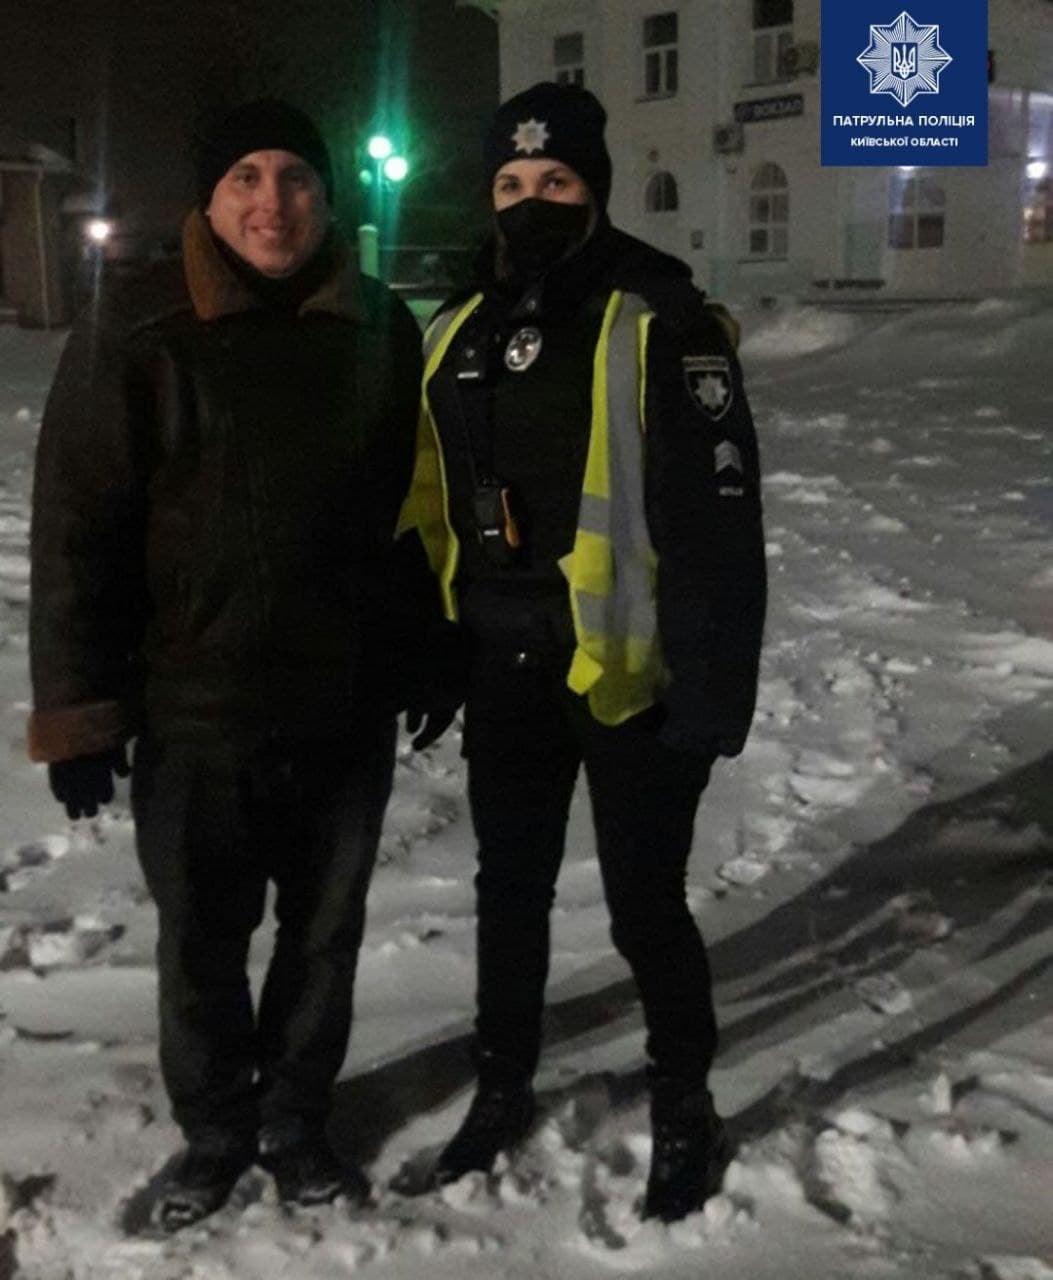 Чоловік йшов від Борисполя до Києва пішки - чоловік, траса, Поліція - 148206143 2015909981915918 4684331439840358522 o